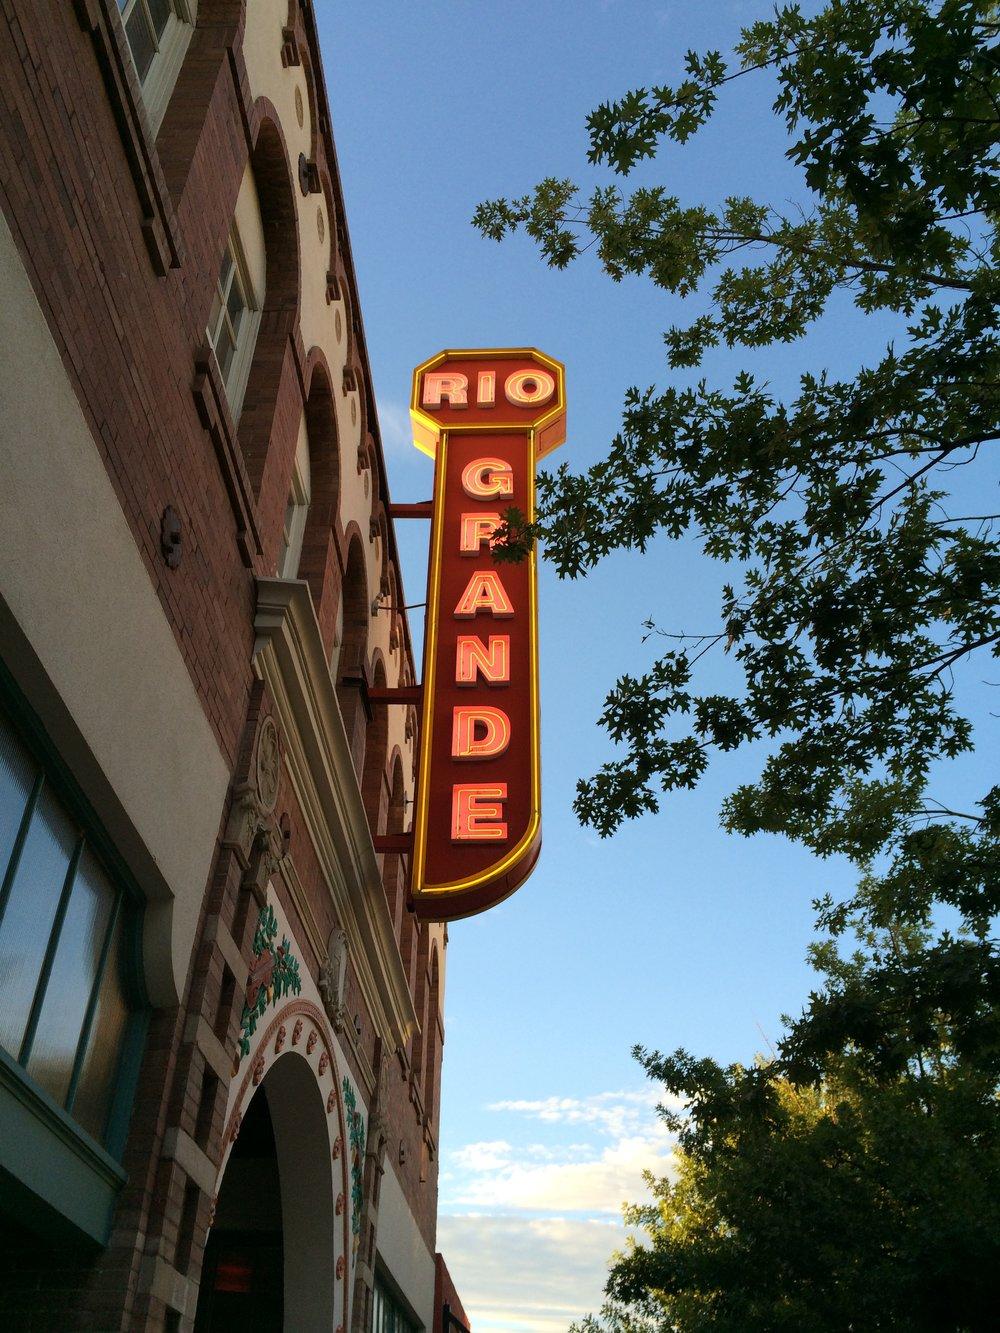 The Neon Struggle - The Rio Grande Theater, Las Cruces, NM